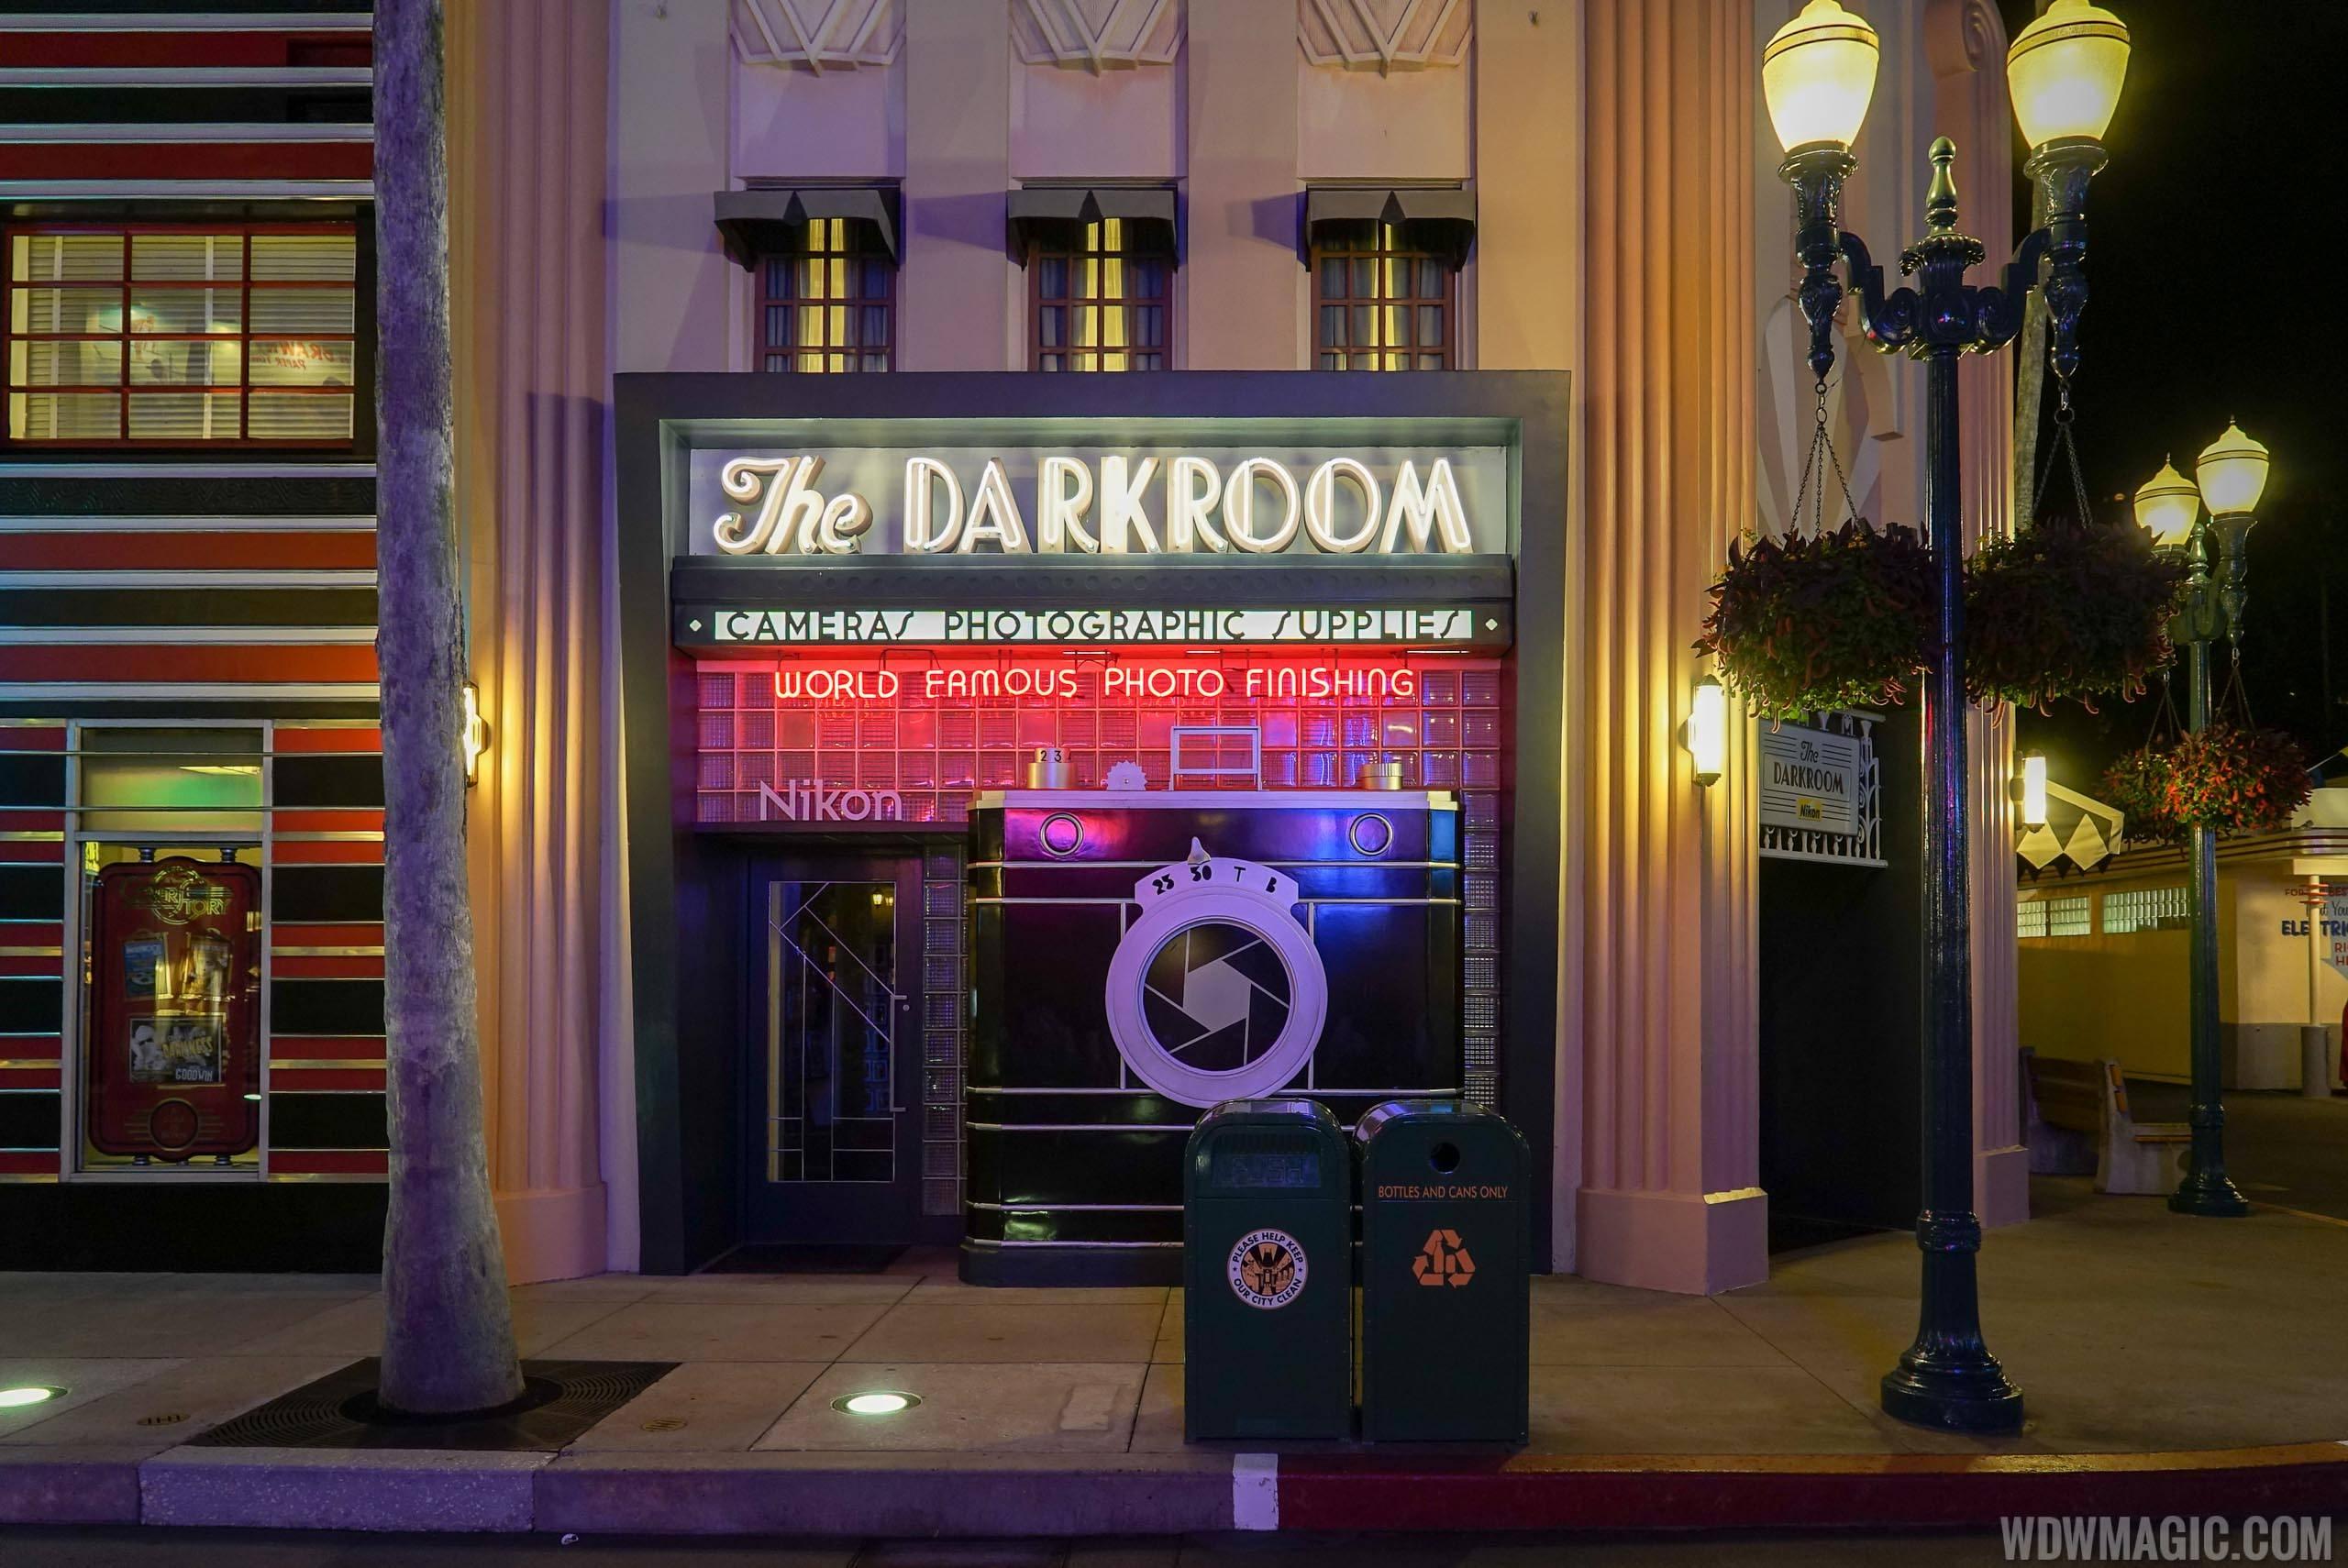 The Darkroom overview